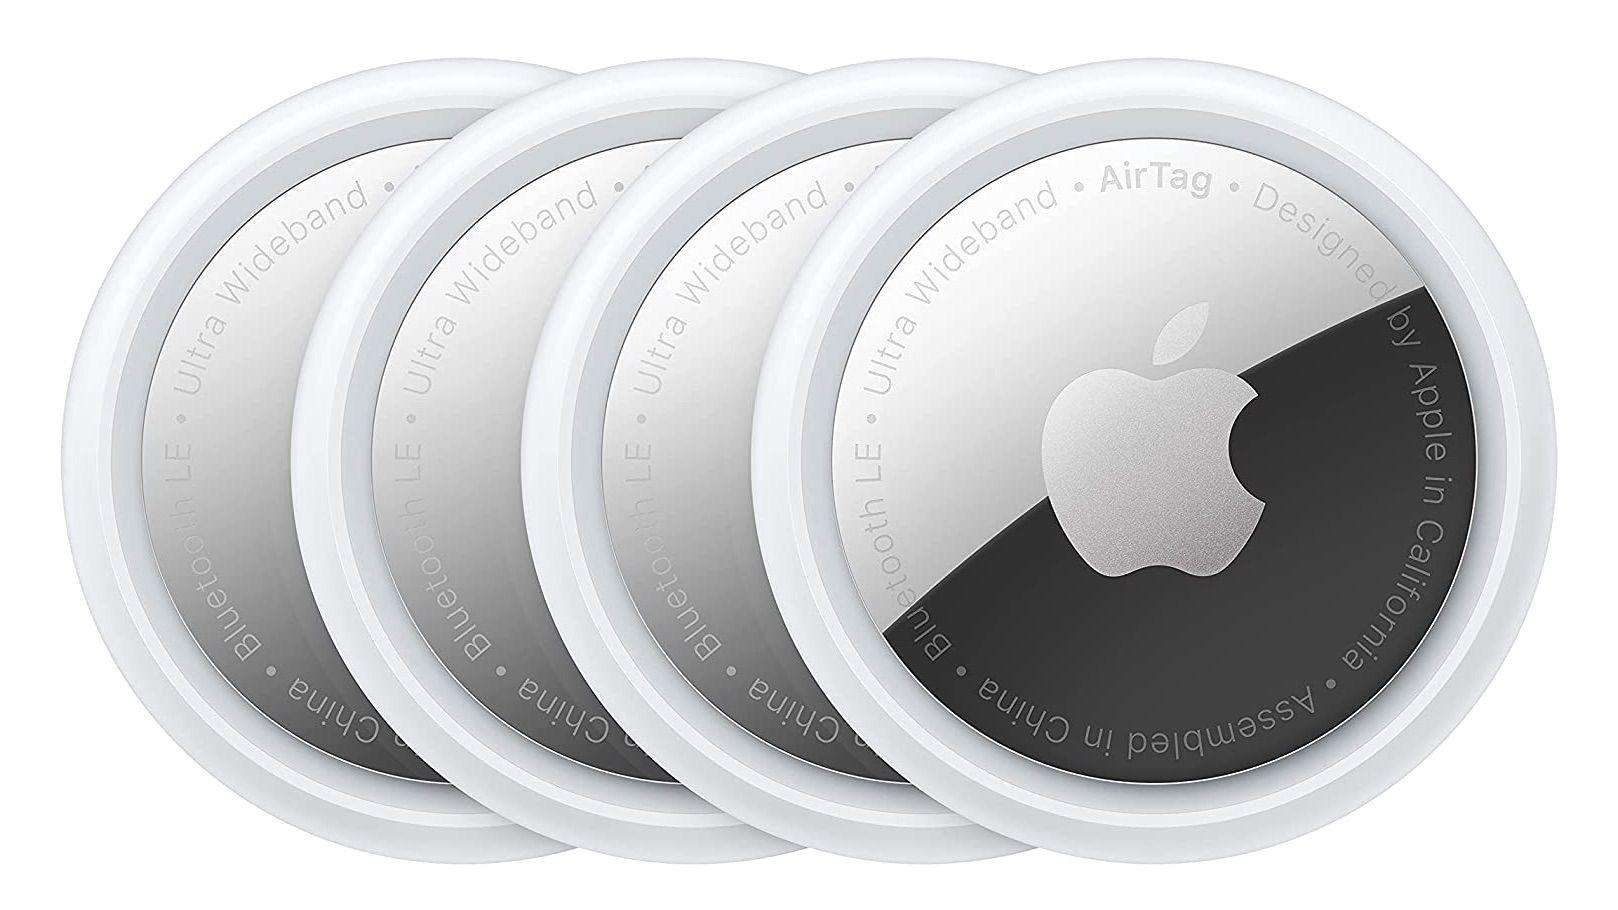 Apple Air Tag desde MediaMarkt + 4 meses de Apple Music GRATIS